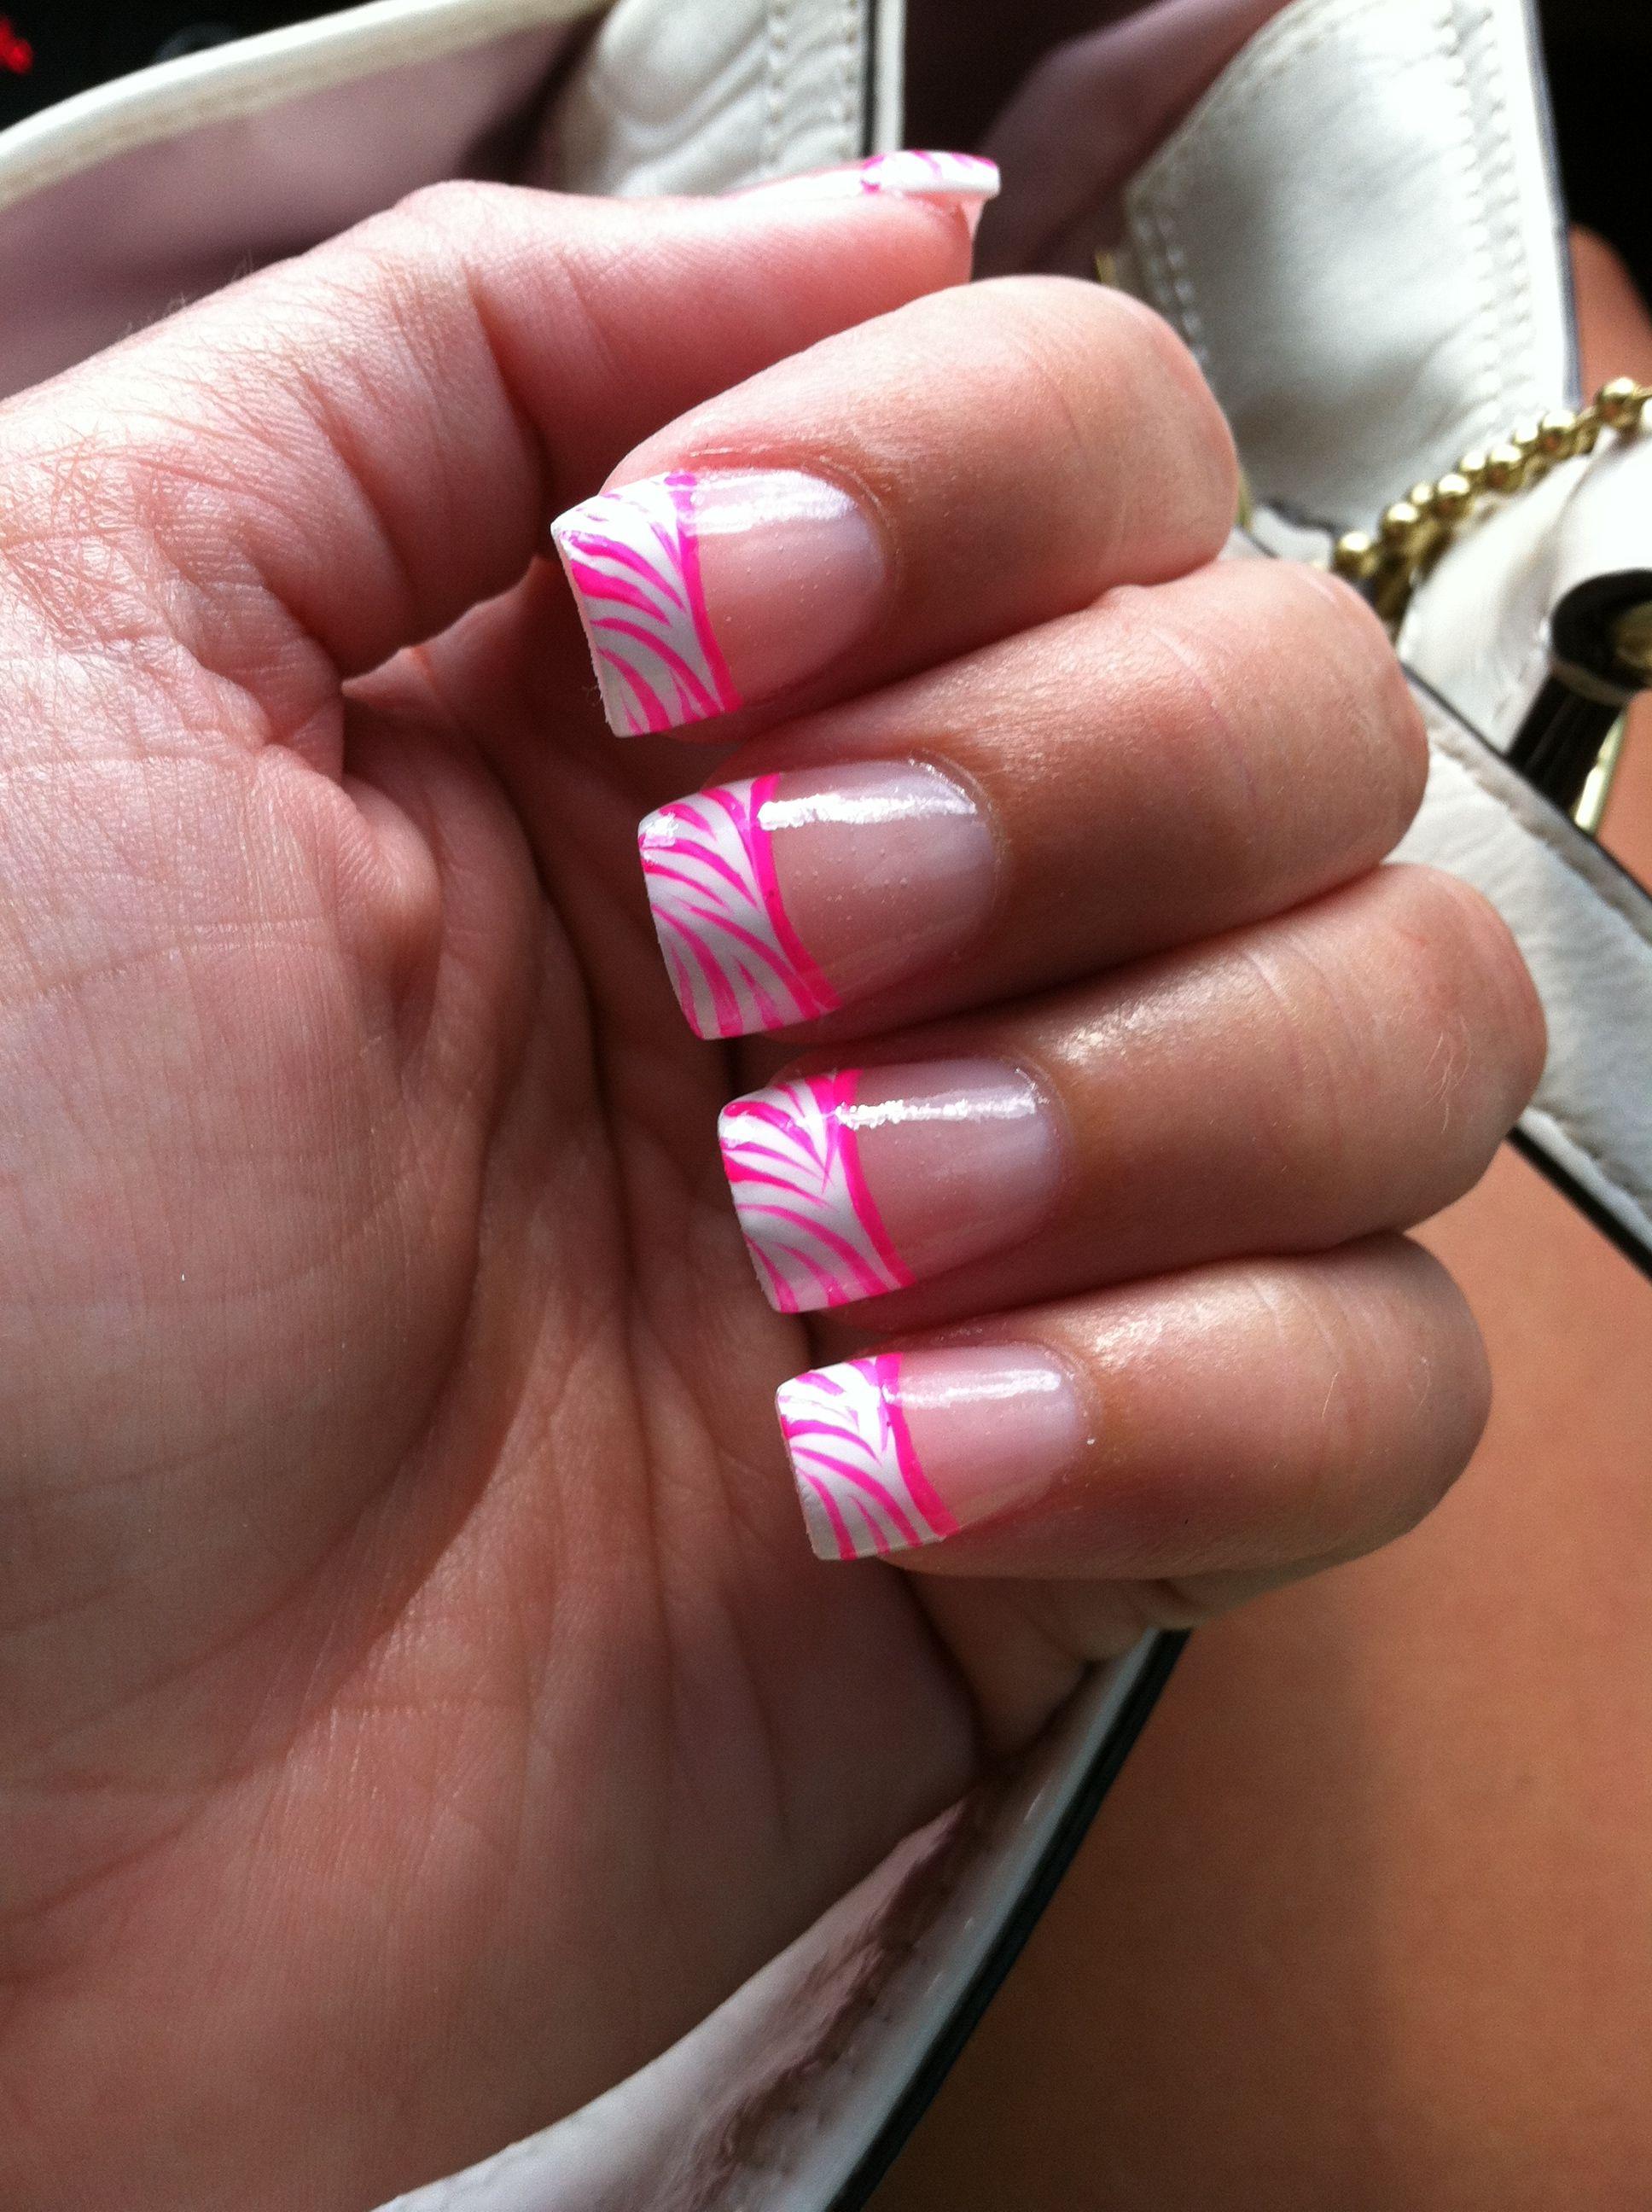 Nails White Tip Hot Pink Zebra Pink Tip Nails Zebra Print